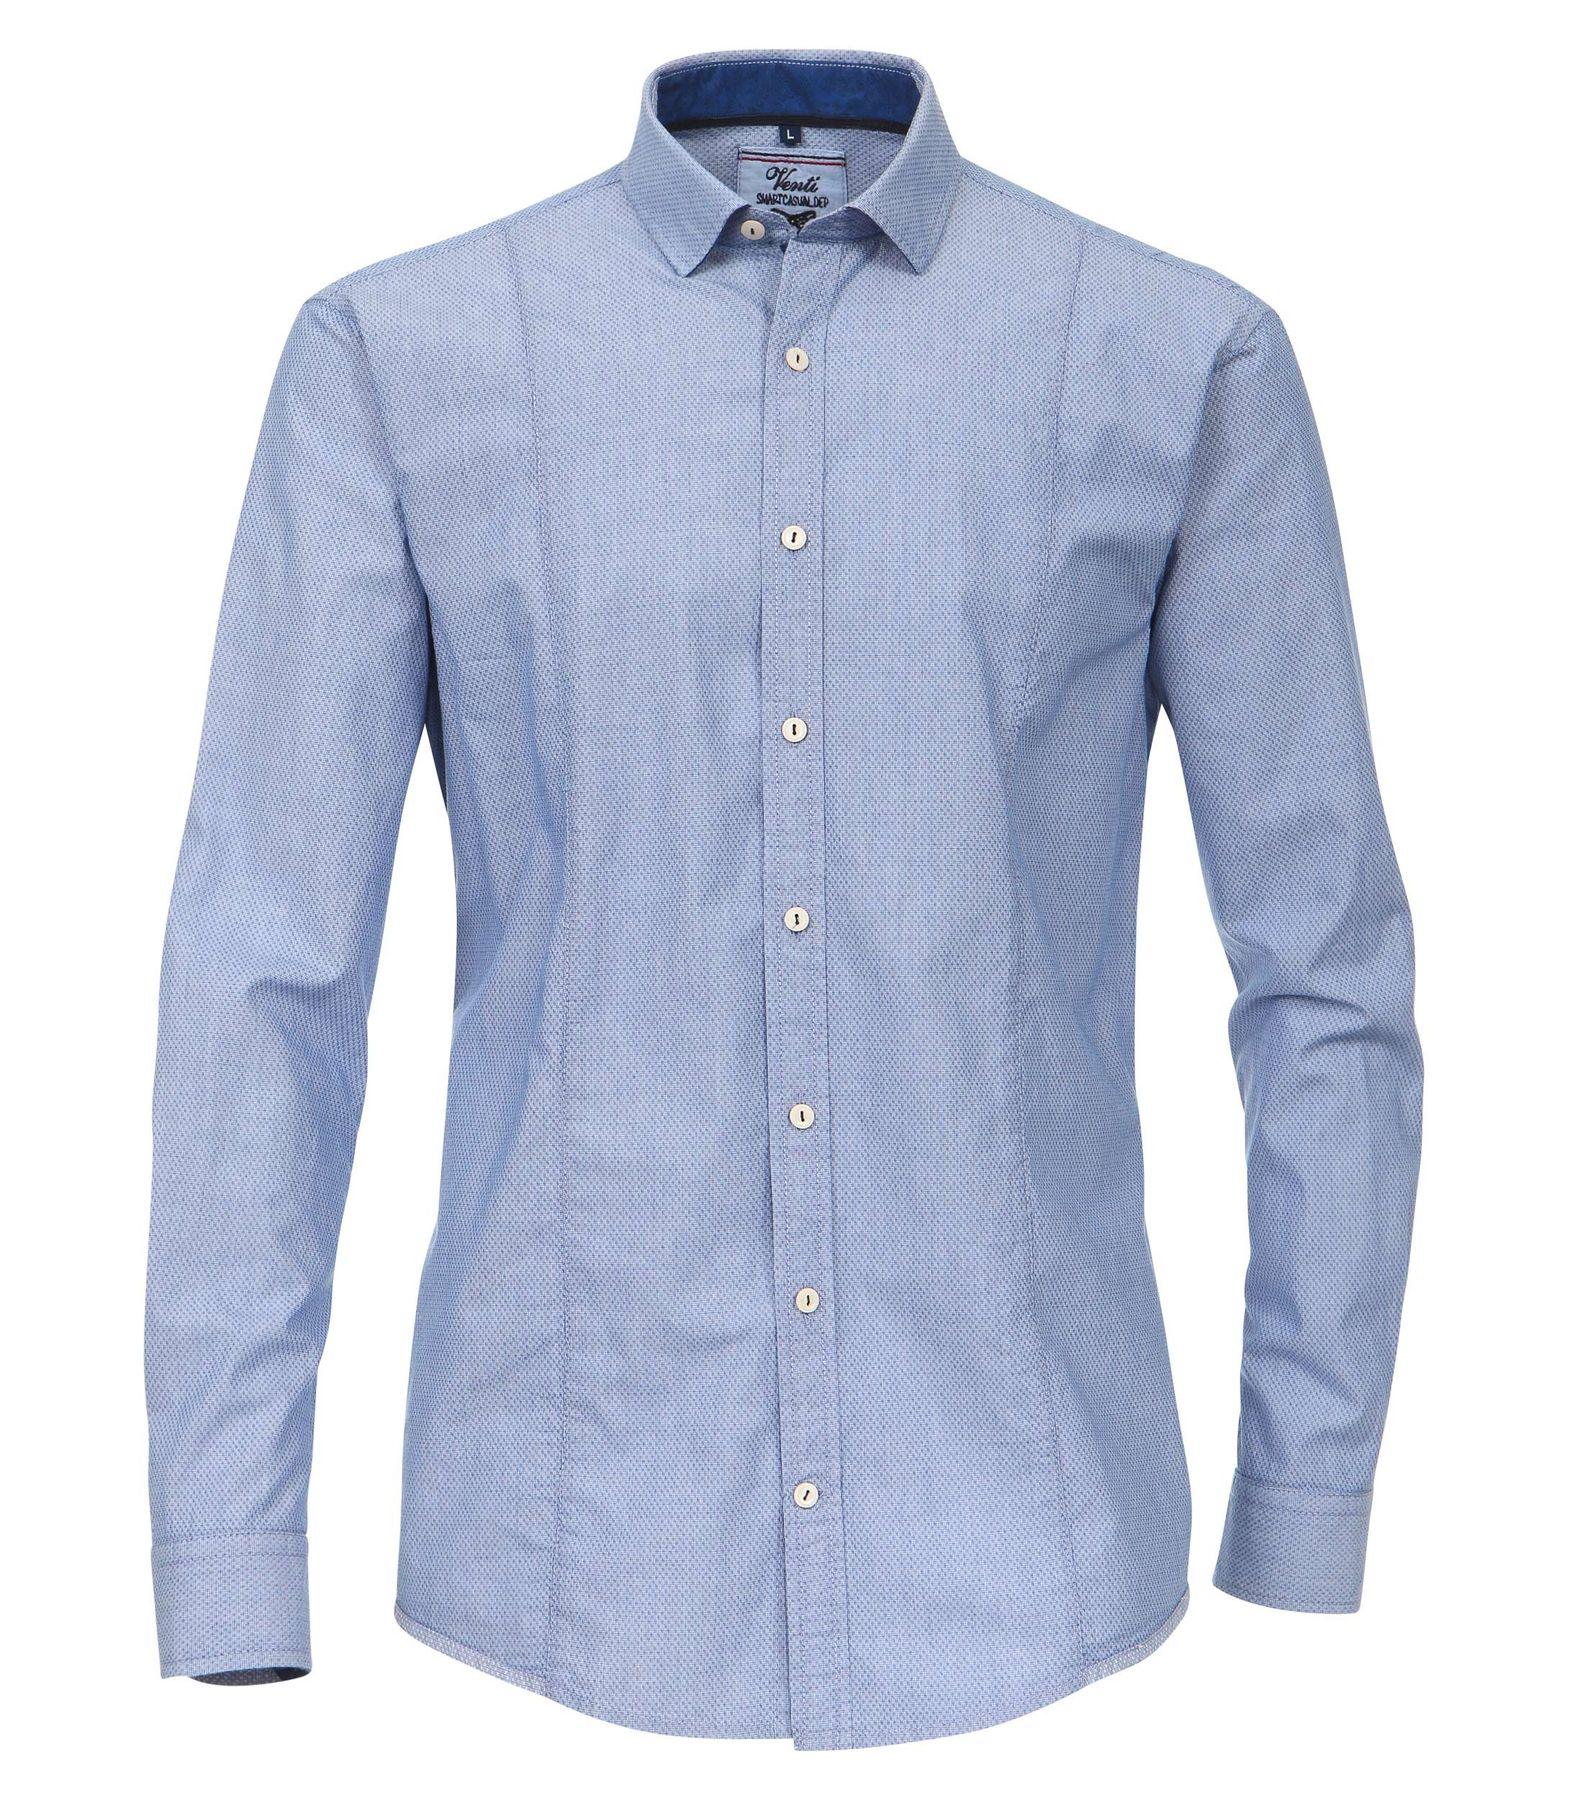 Venti - Slim Fit - Herren Langarm Hemd aus 100% Baumwolle mit Kent Kragen (162538400 A) – Bild 1